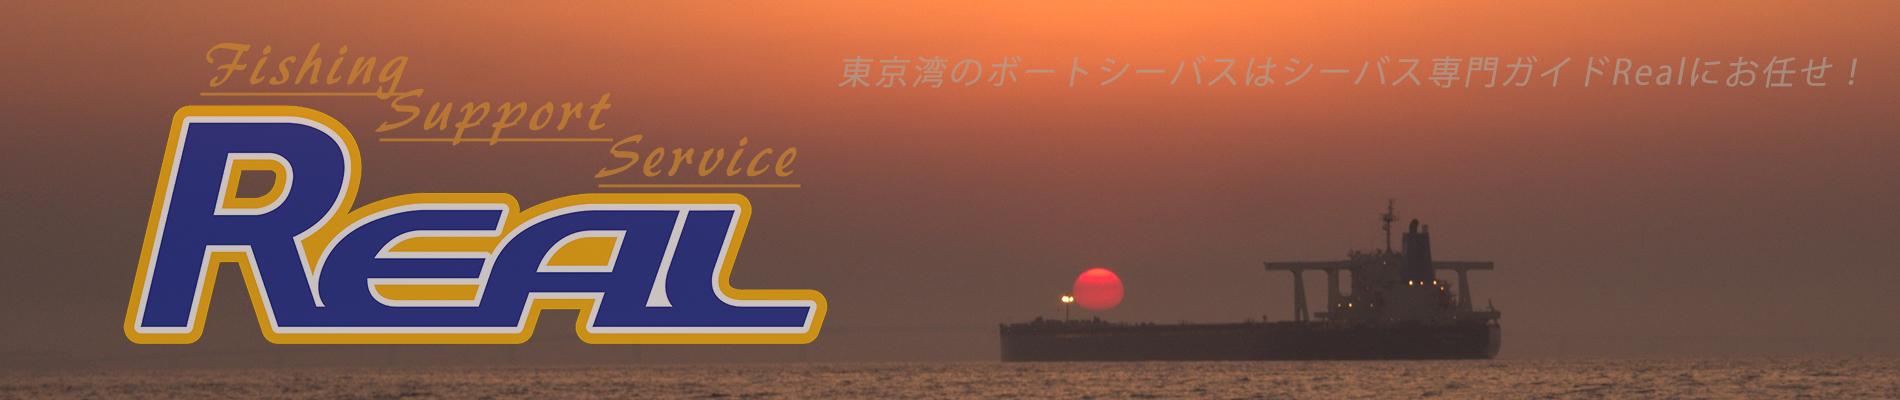 東京湾シーバスチャーターボート&シーバスガイド Real(リアル)